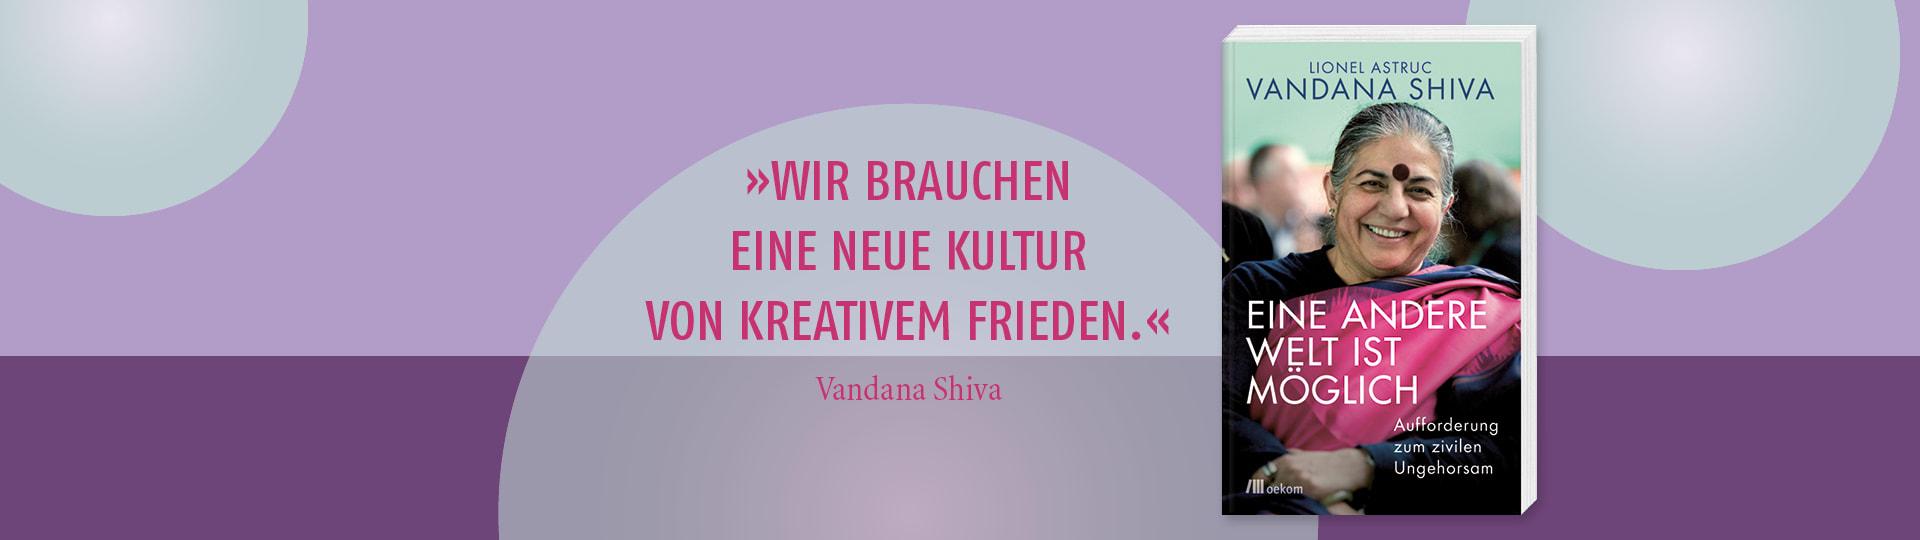 Bild zu Vandana Shivas Buch »Eine andere Welt ist möglich«